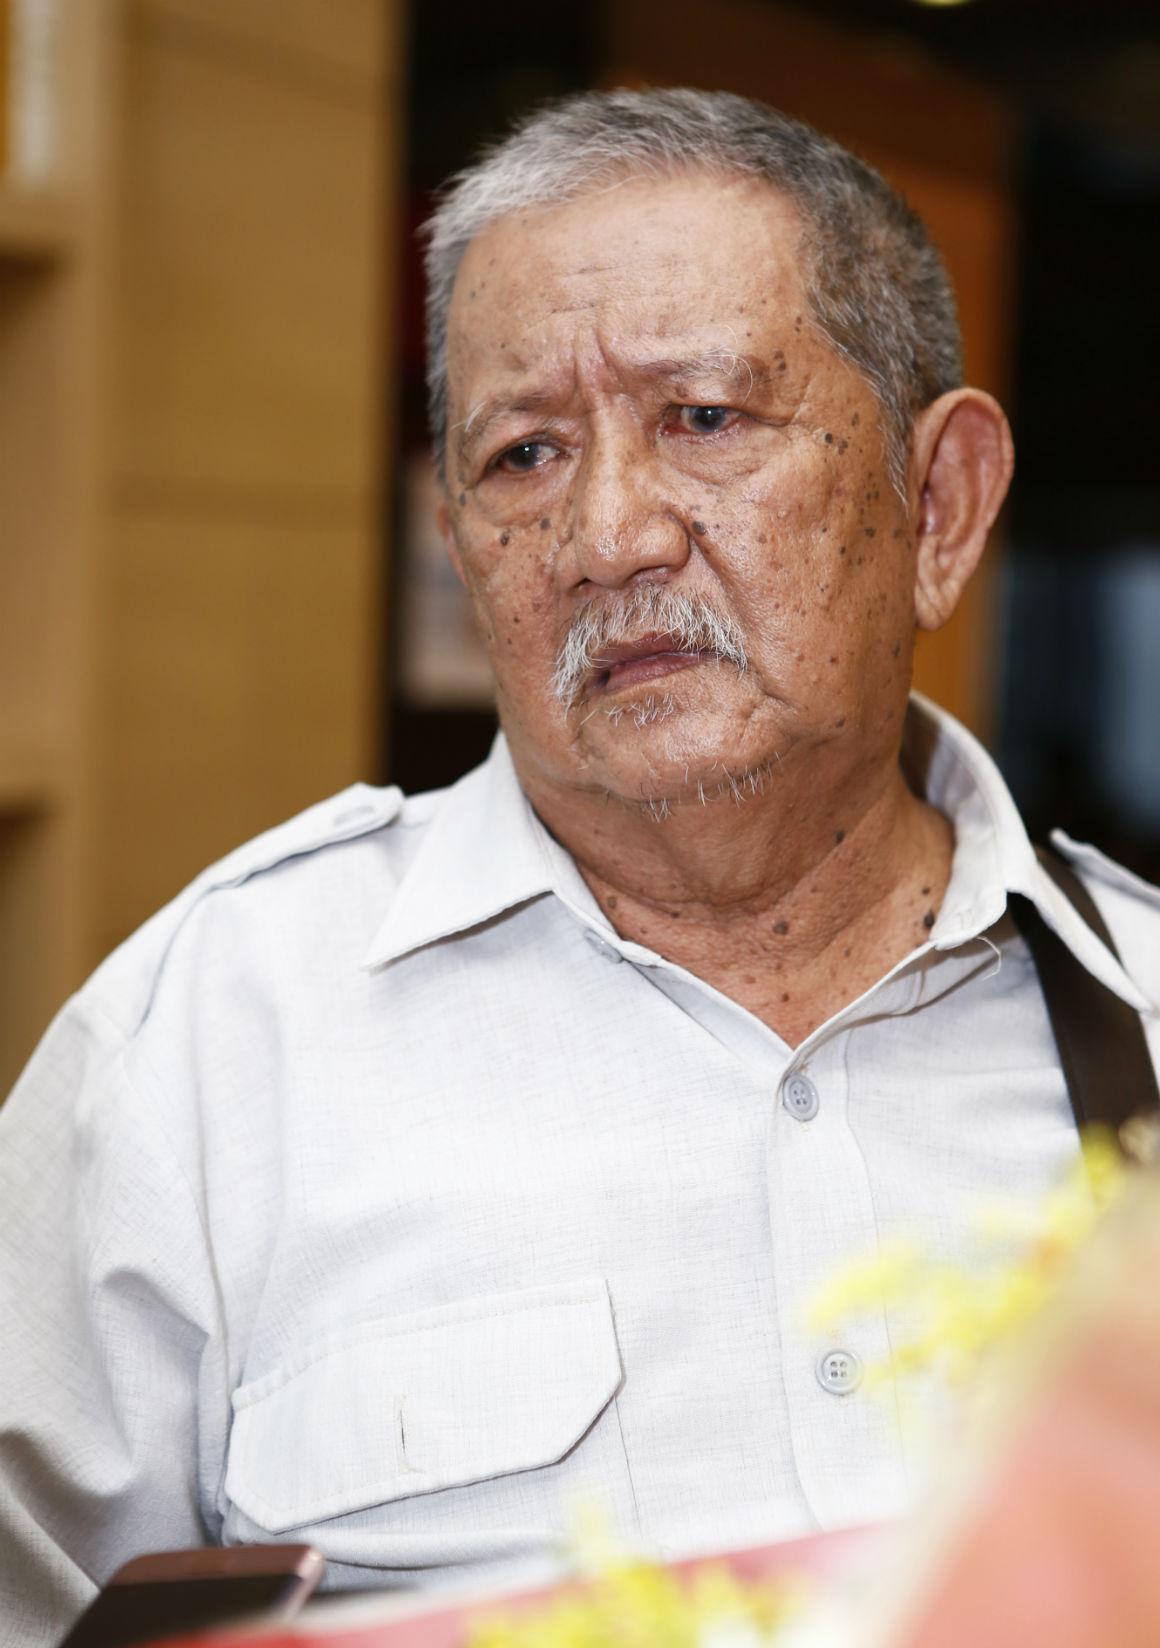 Cô đơn ở tuổi già, bác Ba Phi của Đất rừng phương Nam cảm thấy hạnh phúc nếu được chết sớm